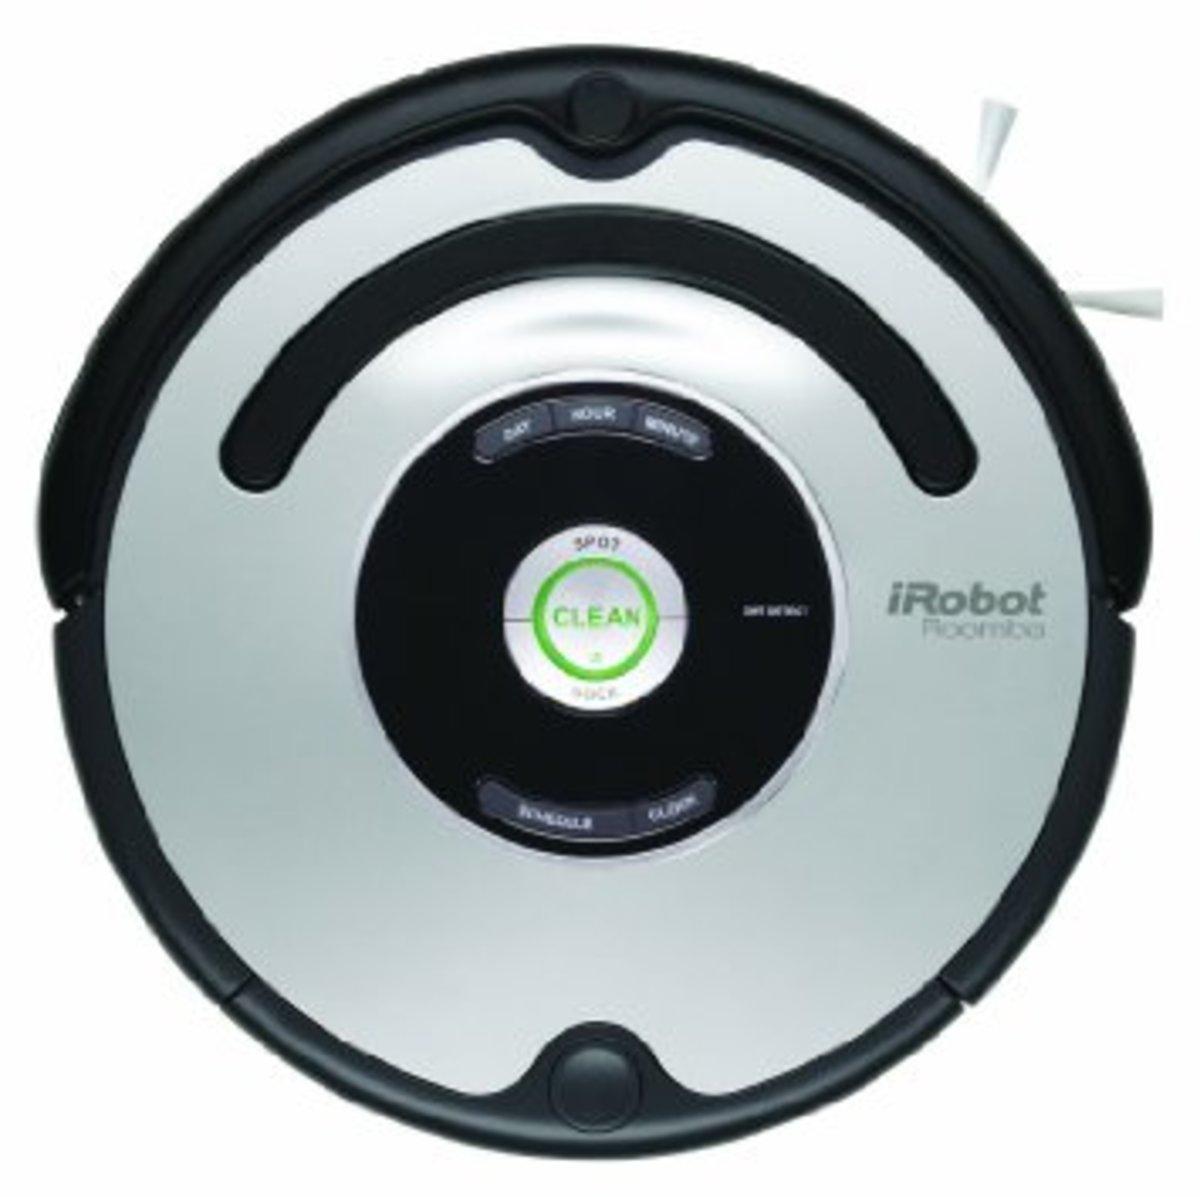 My Sweet Roomba!